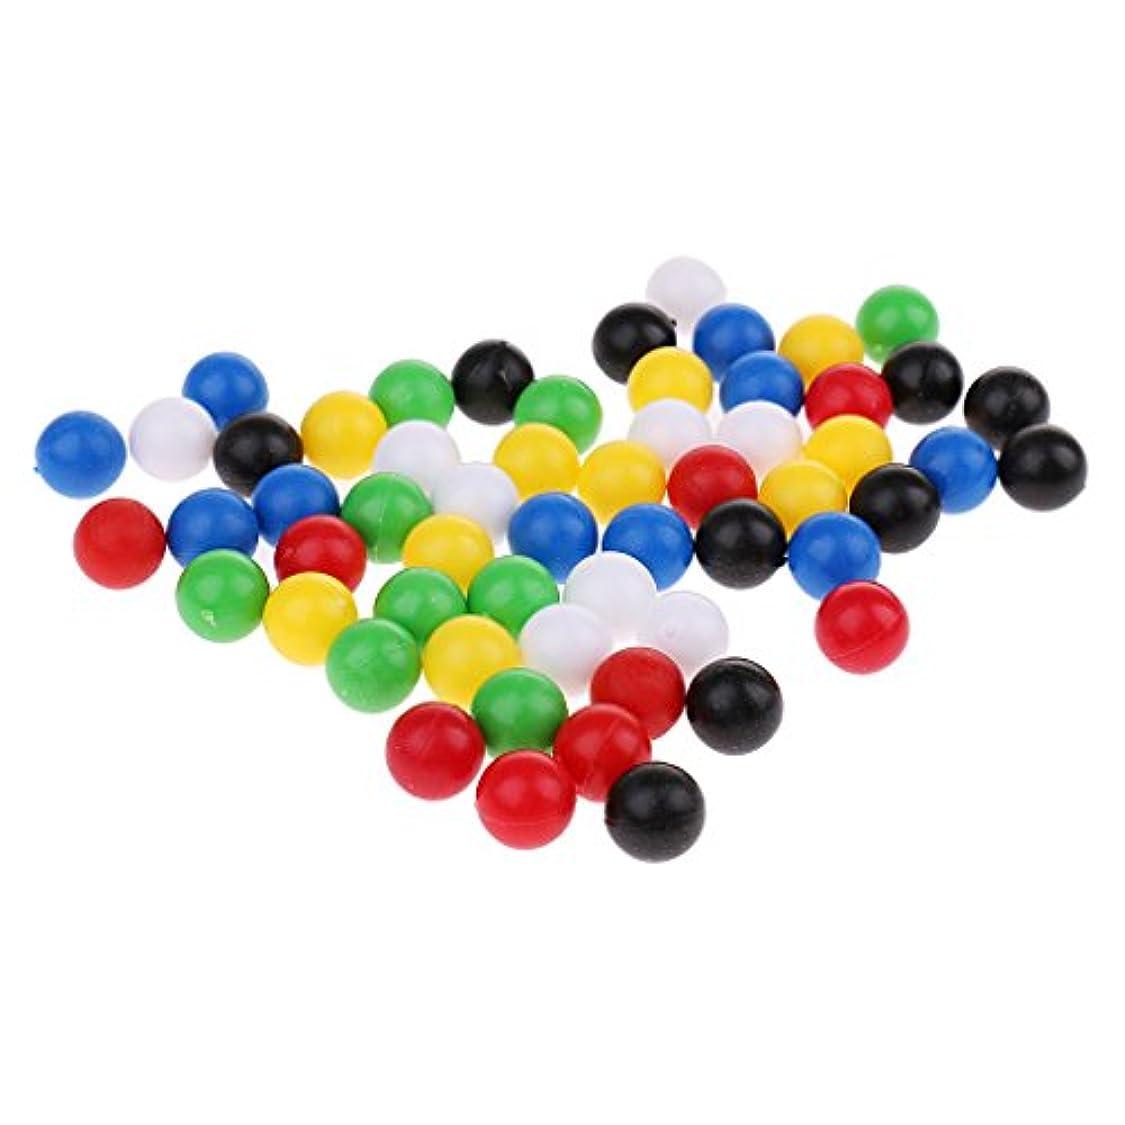 任意控えめな毛細血管Sharplace プラスチック 丸ボール ファミリーゲーム 約60個